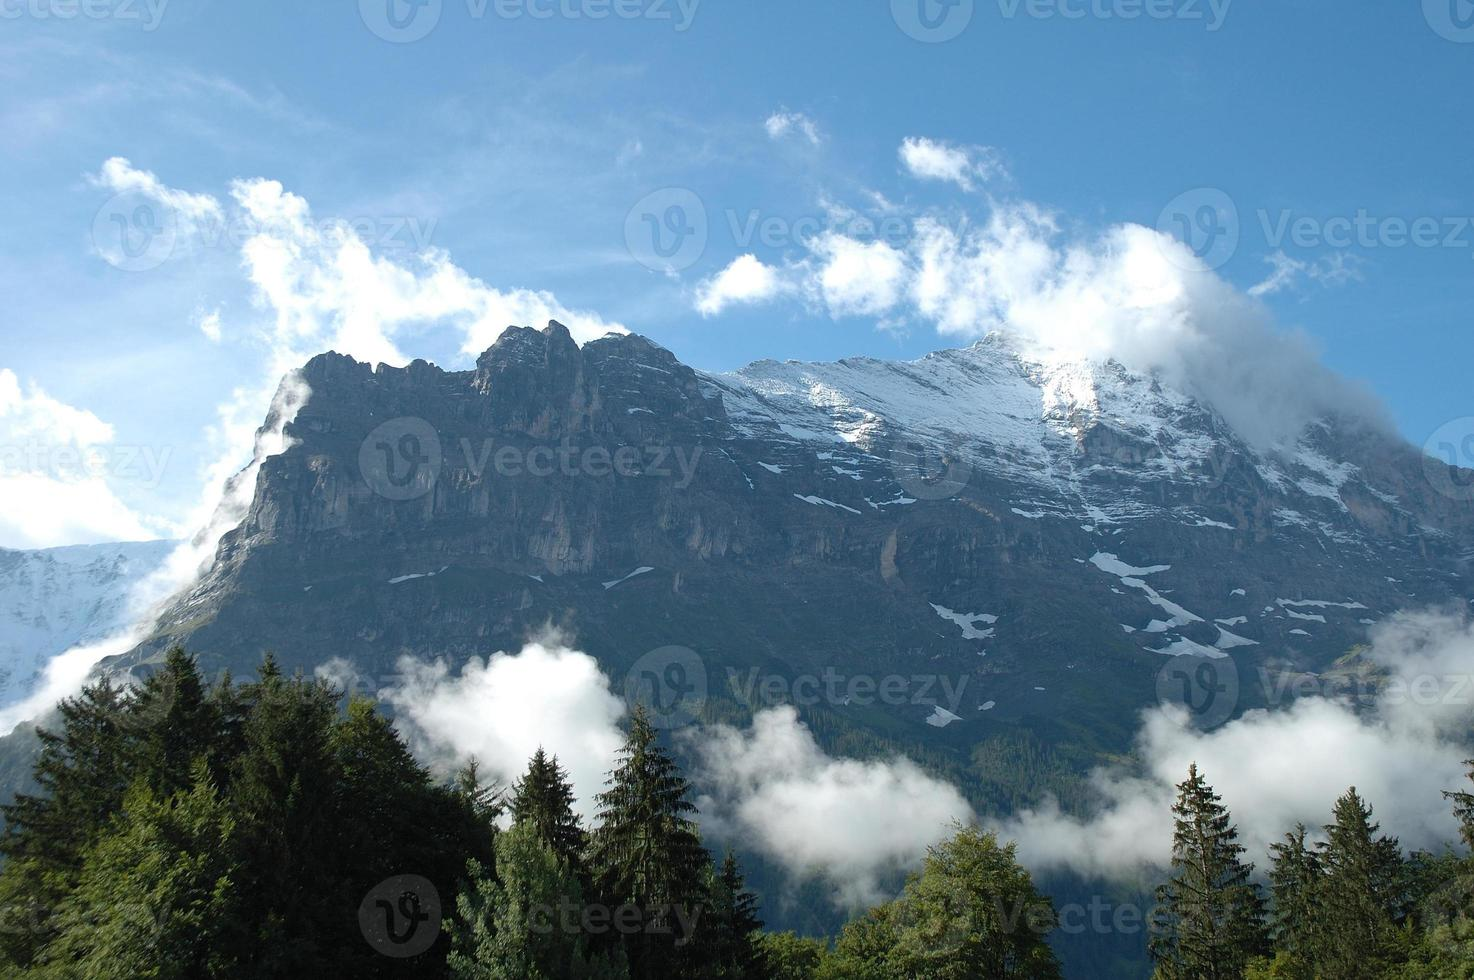 Ridge et Eiger Peak dans les nuages à proximité de Grindelwald en Suisse photo